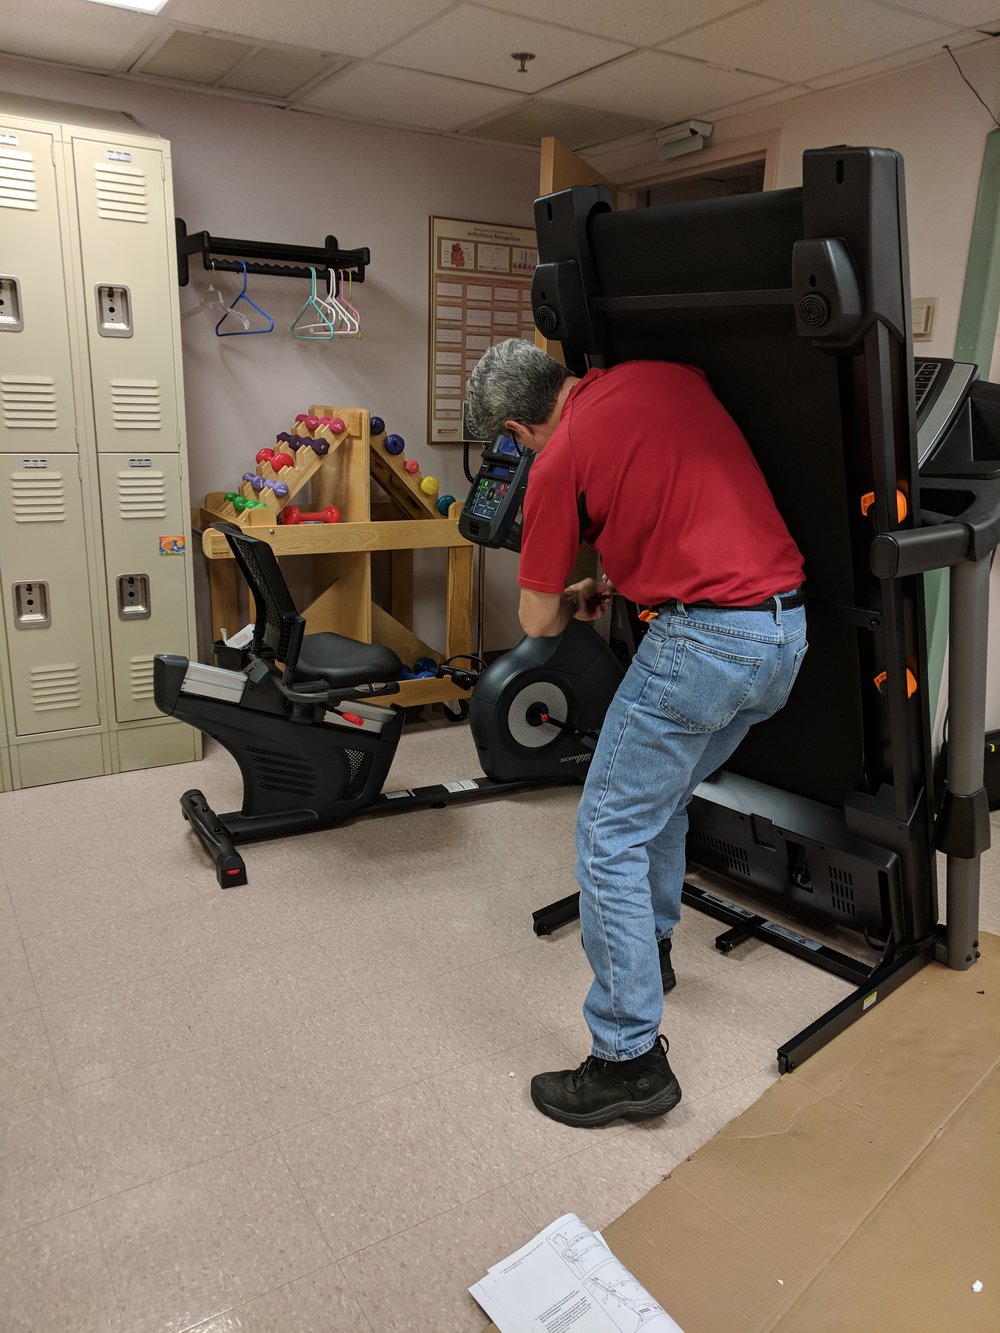 Constructing the treadmill